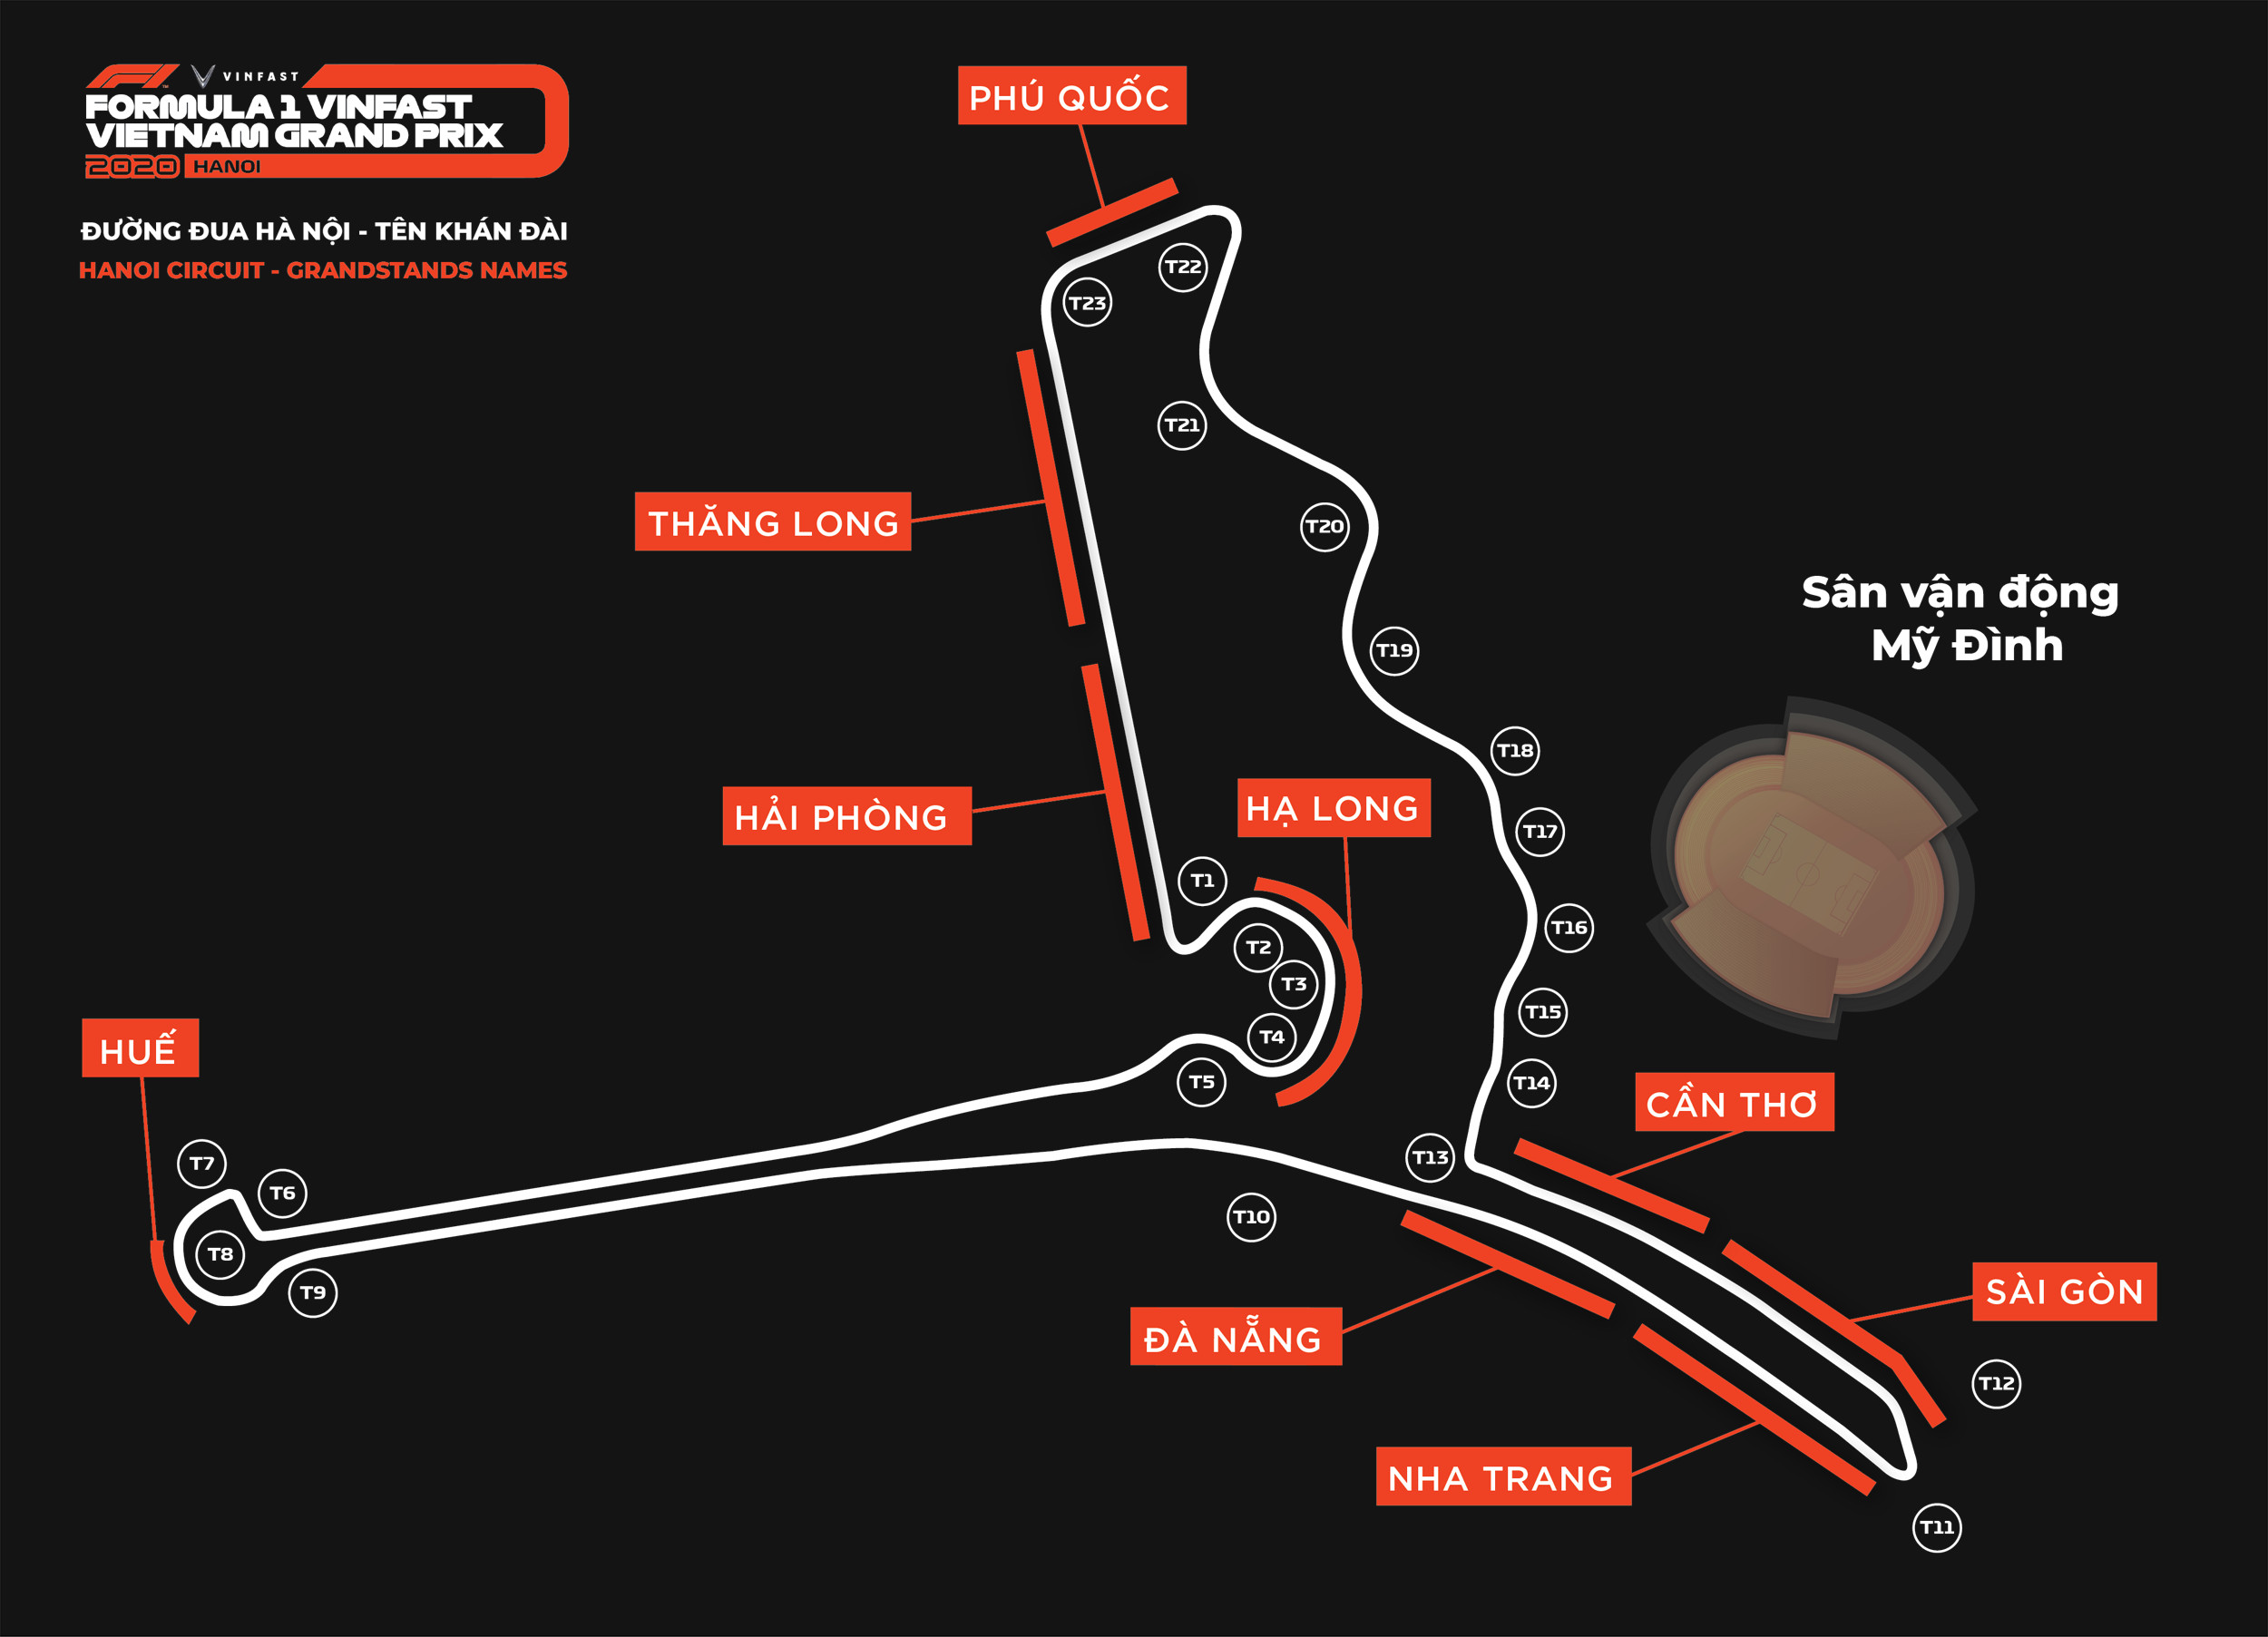 Khán đài đường đua F1 Hà Nội mang tên các địa danh nổi tiếng Việt Nam